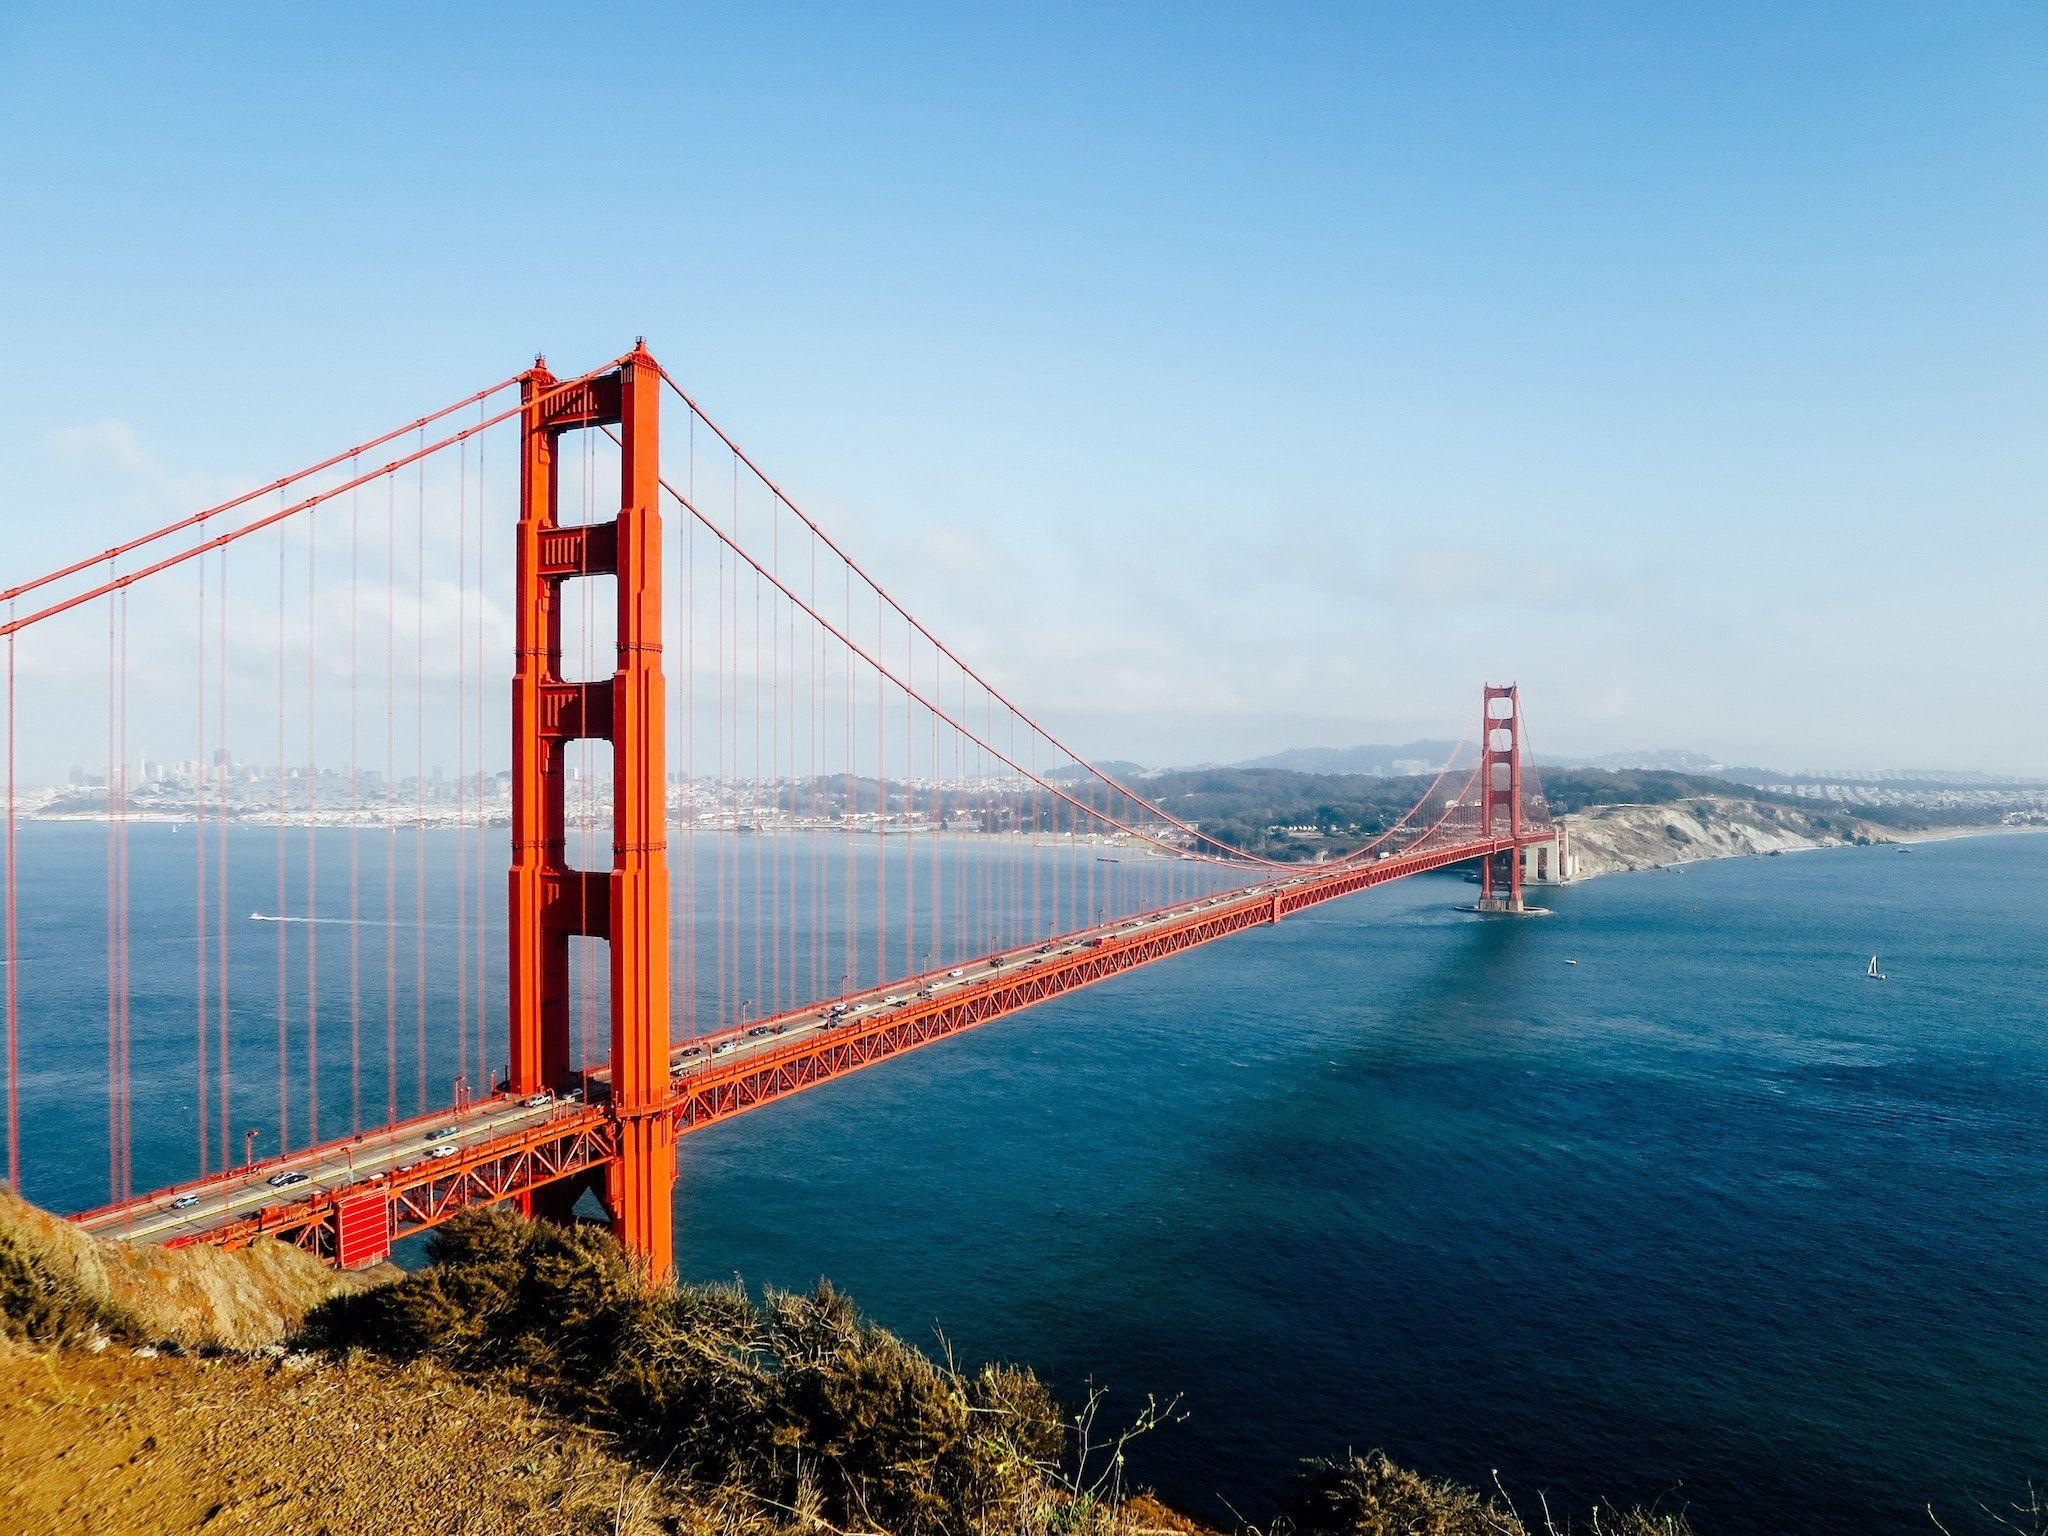 Golden Gate Bridge: die USA sind eines der beliebtesten Reiseziele deutscher Urlauber. Foto: Unsplash/Patrick Tomasso